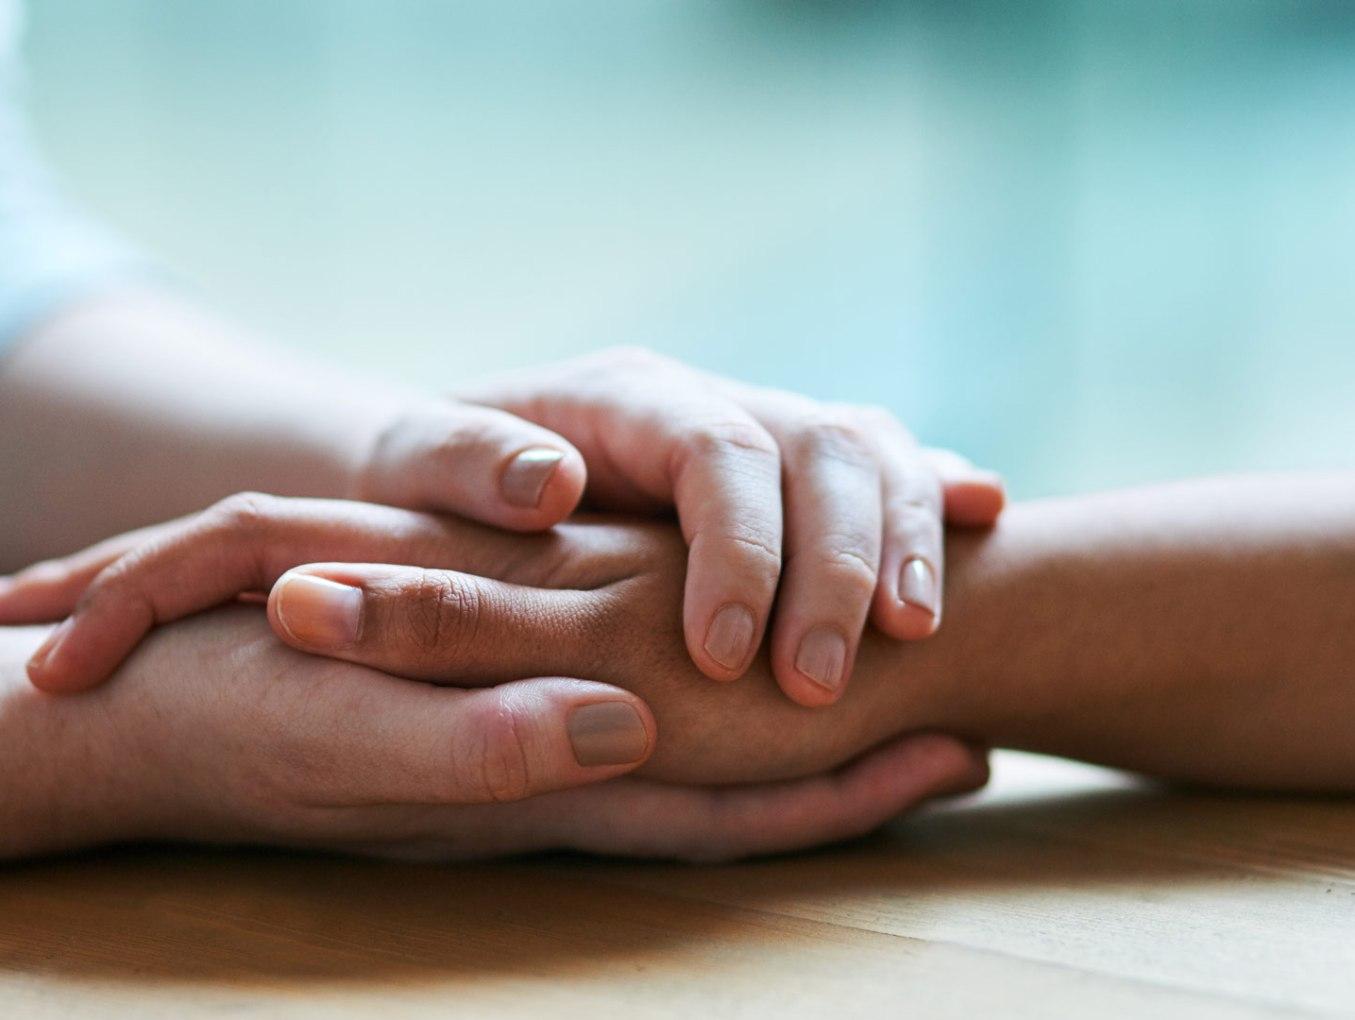 Kako oprostiti drugima i kako oprostiti samom sebi?